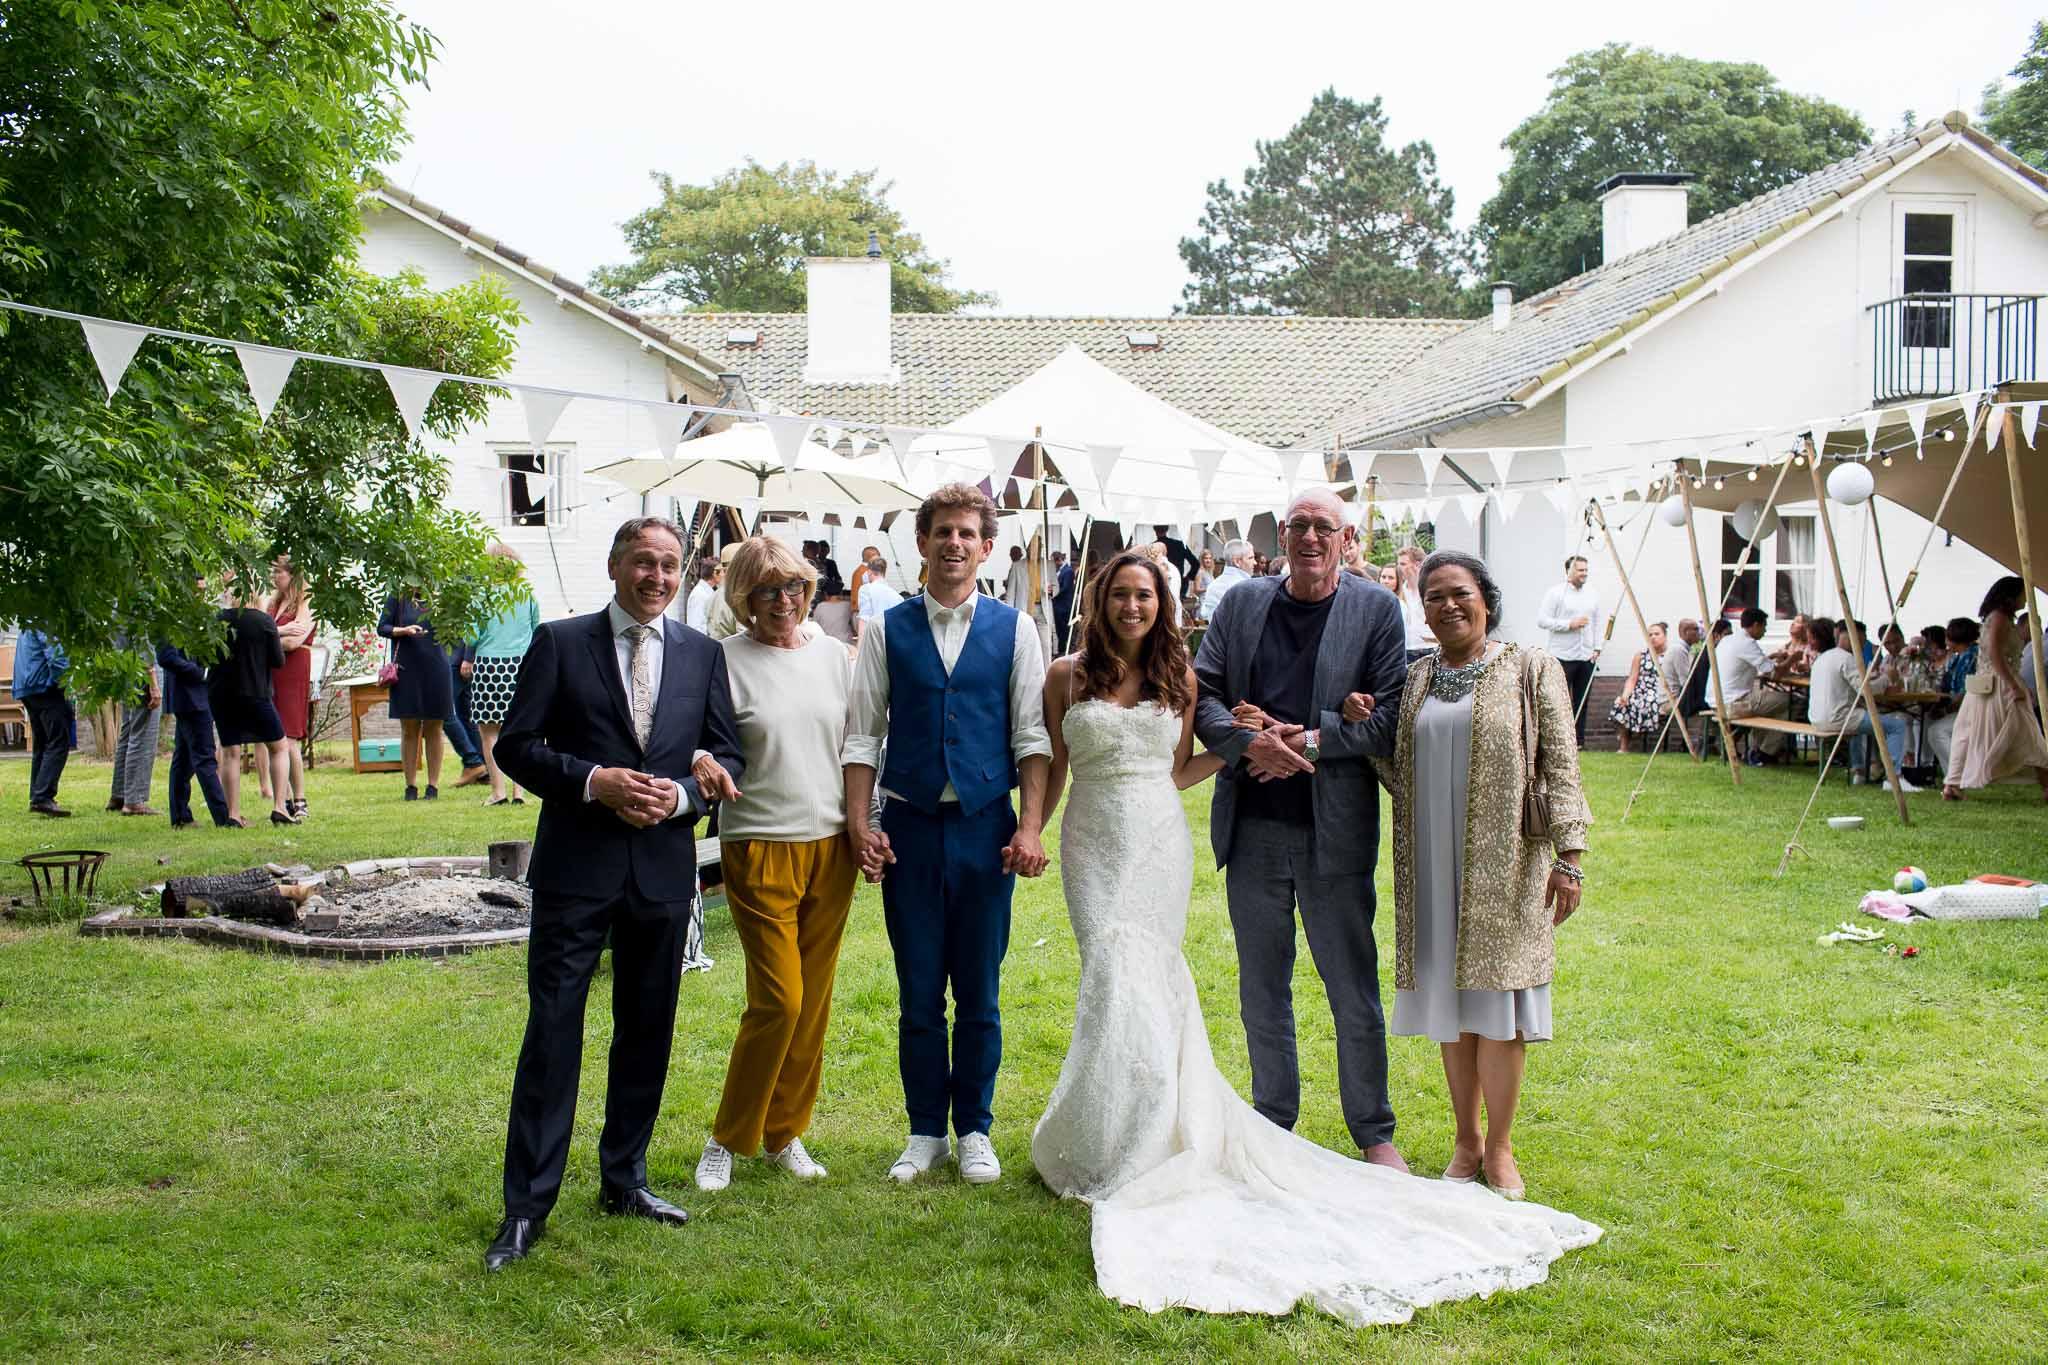 freebirdstories-com_wedding_christiaannina_lowres_676